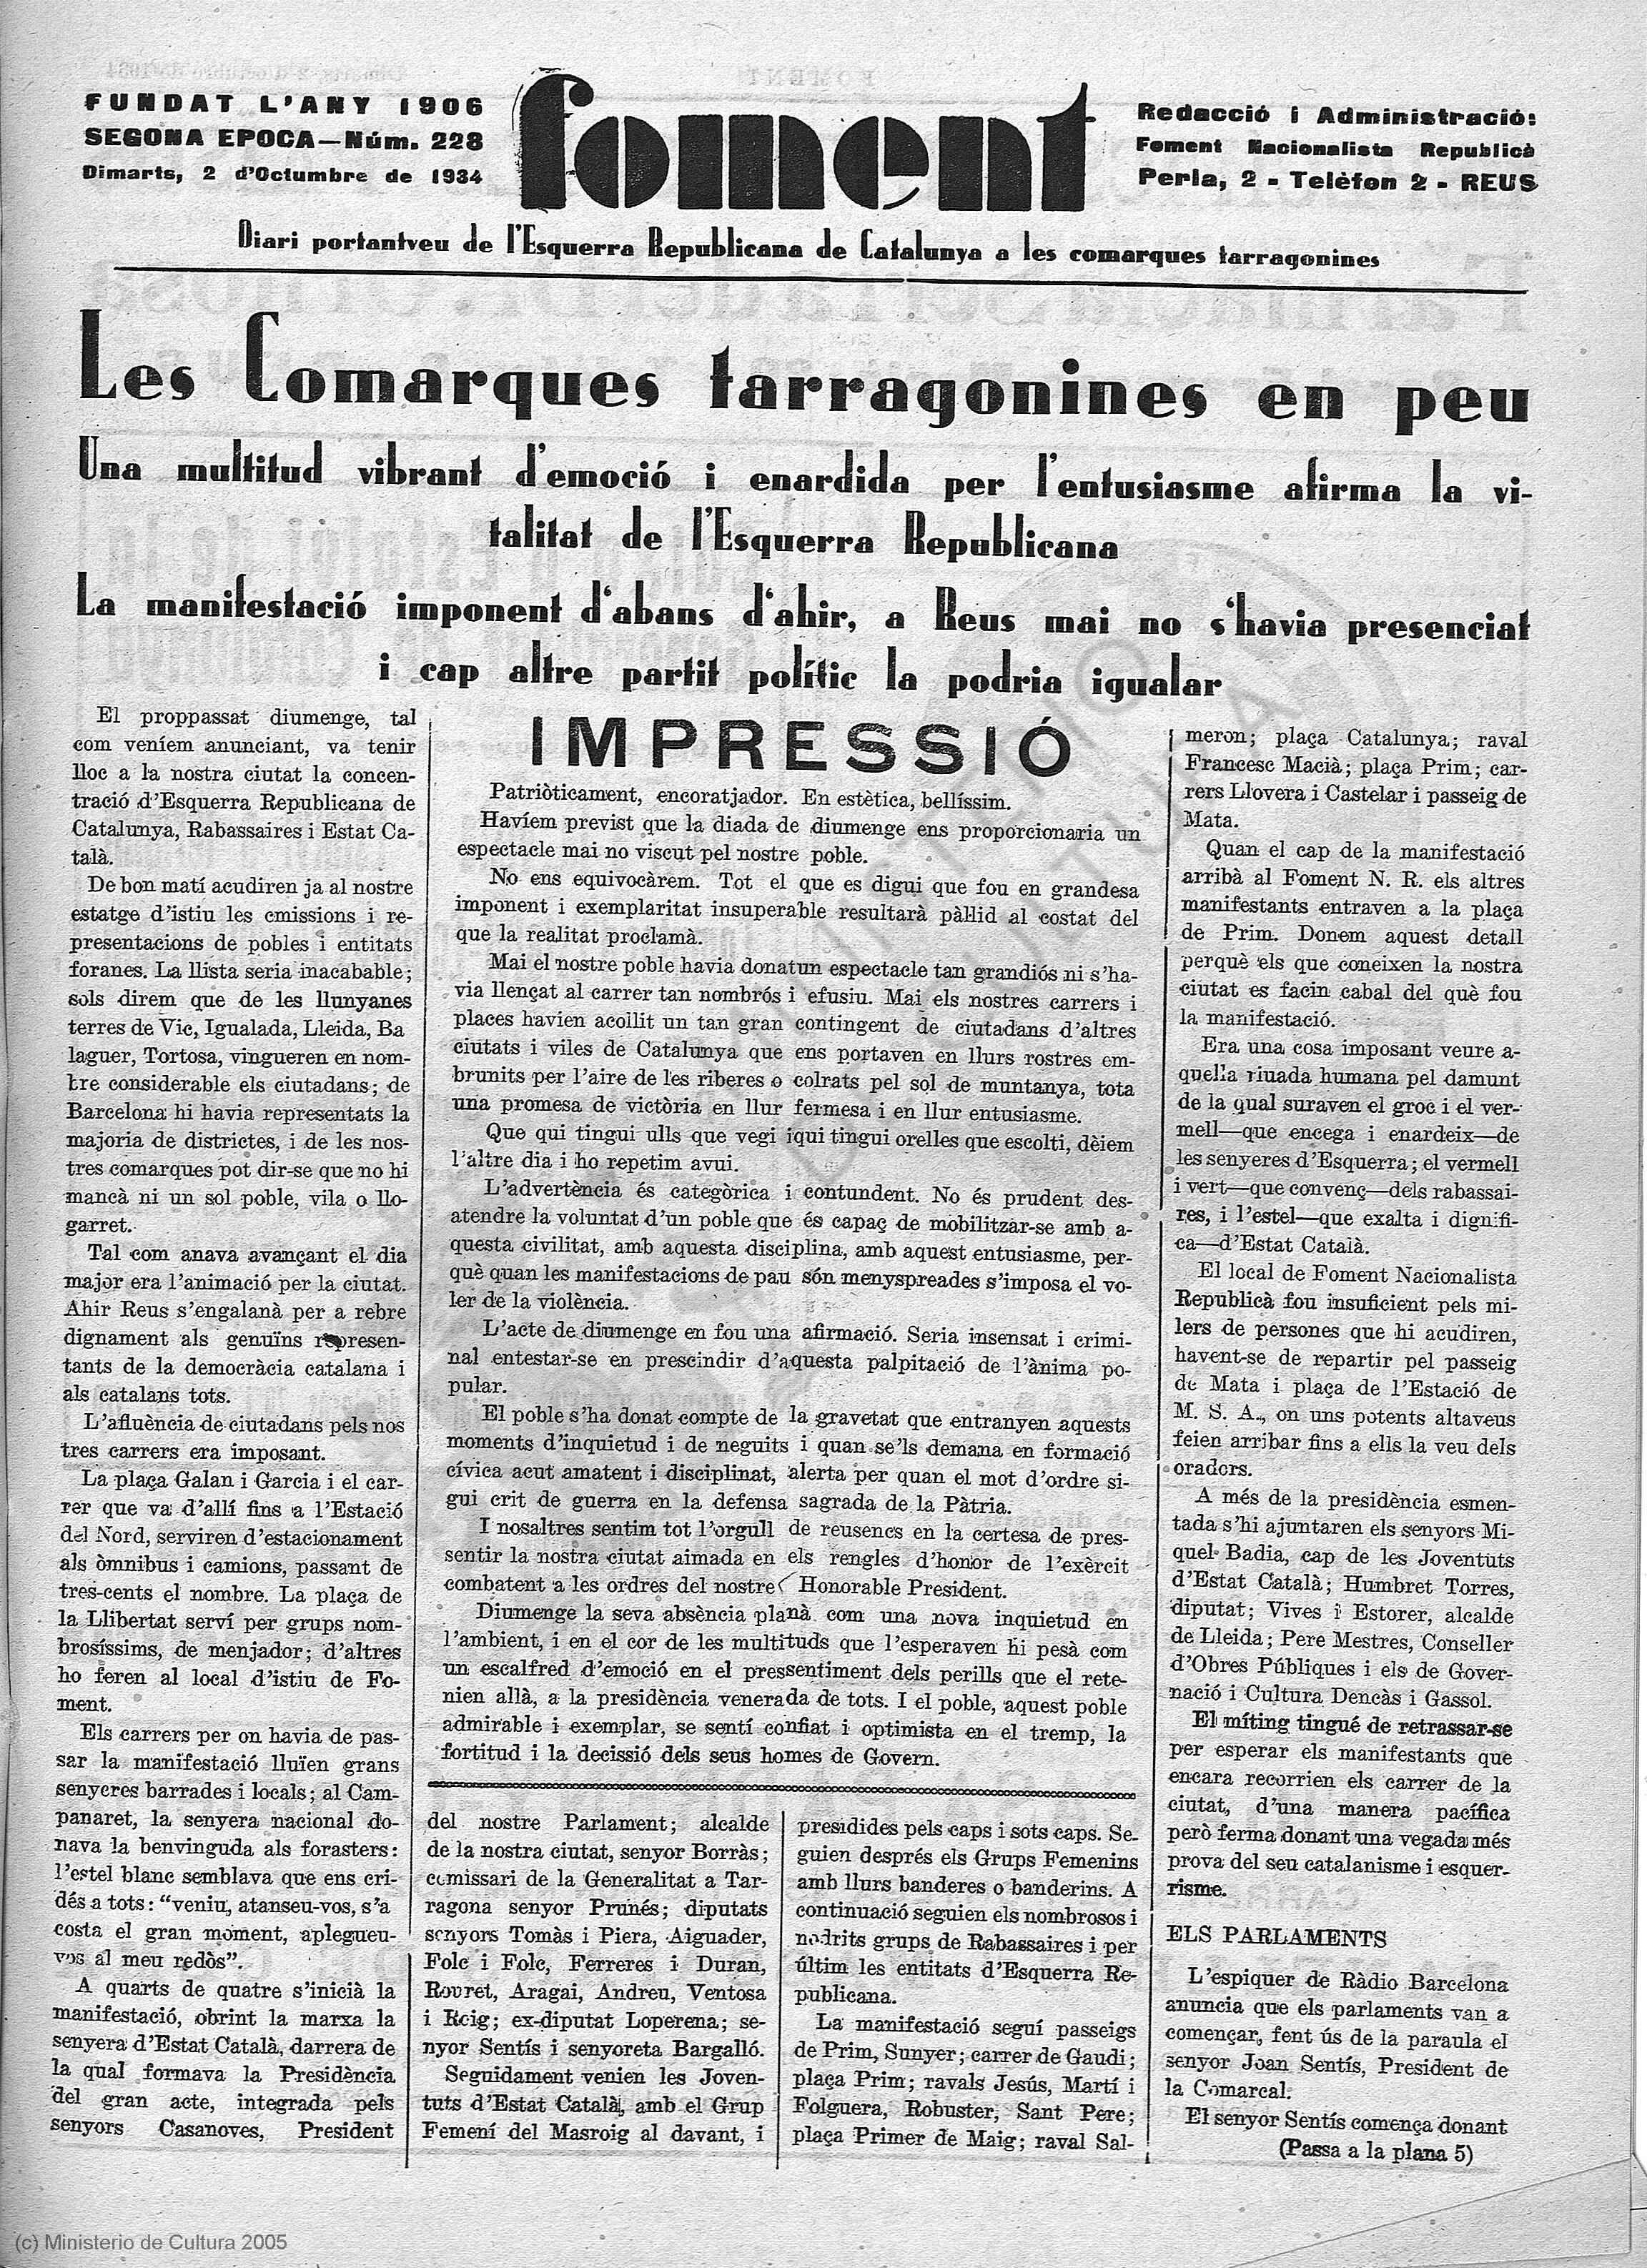 Manifestaciones previas a la proclamación del Estat català, Foment, 2 de octubre de 1934, p. 1.